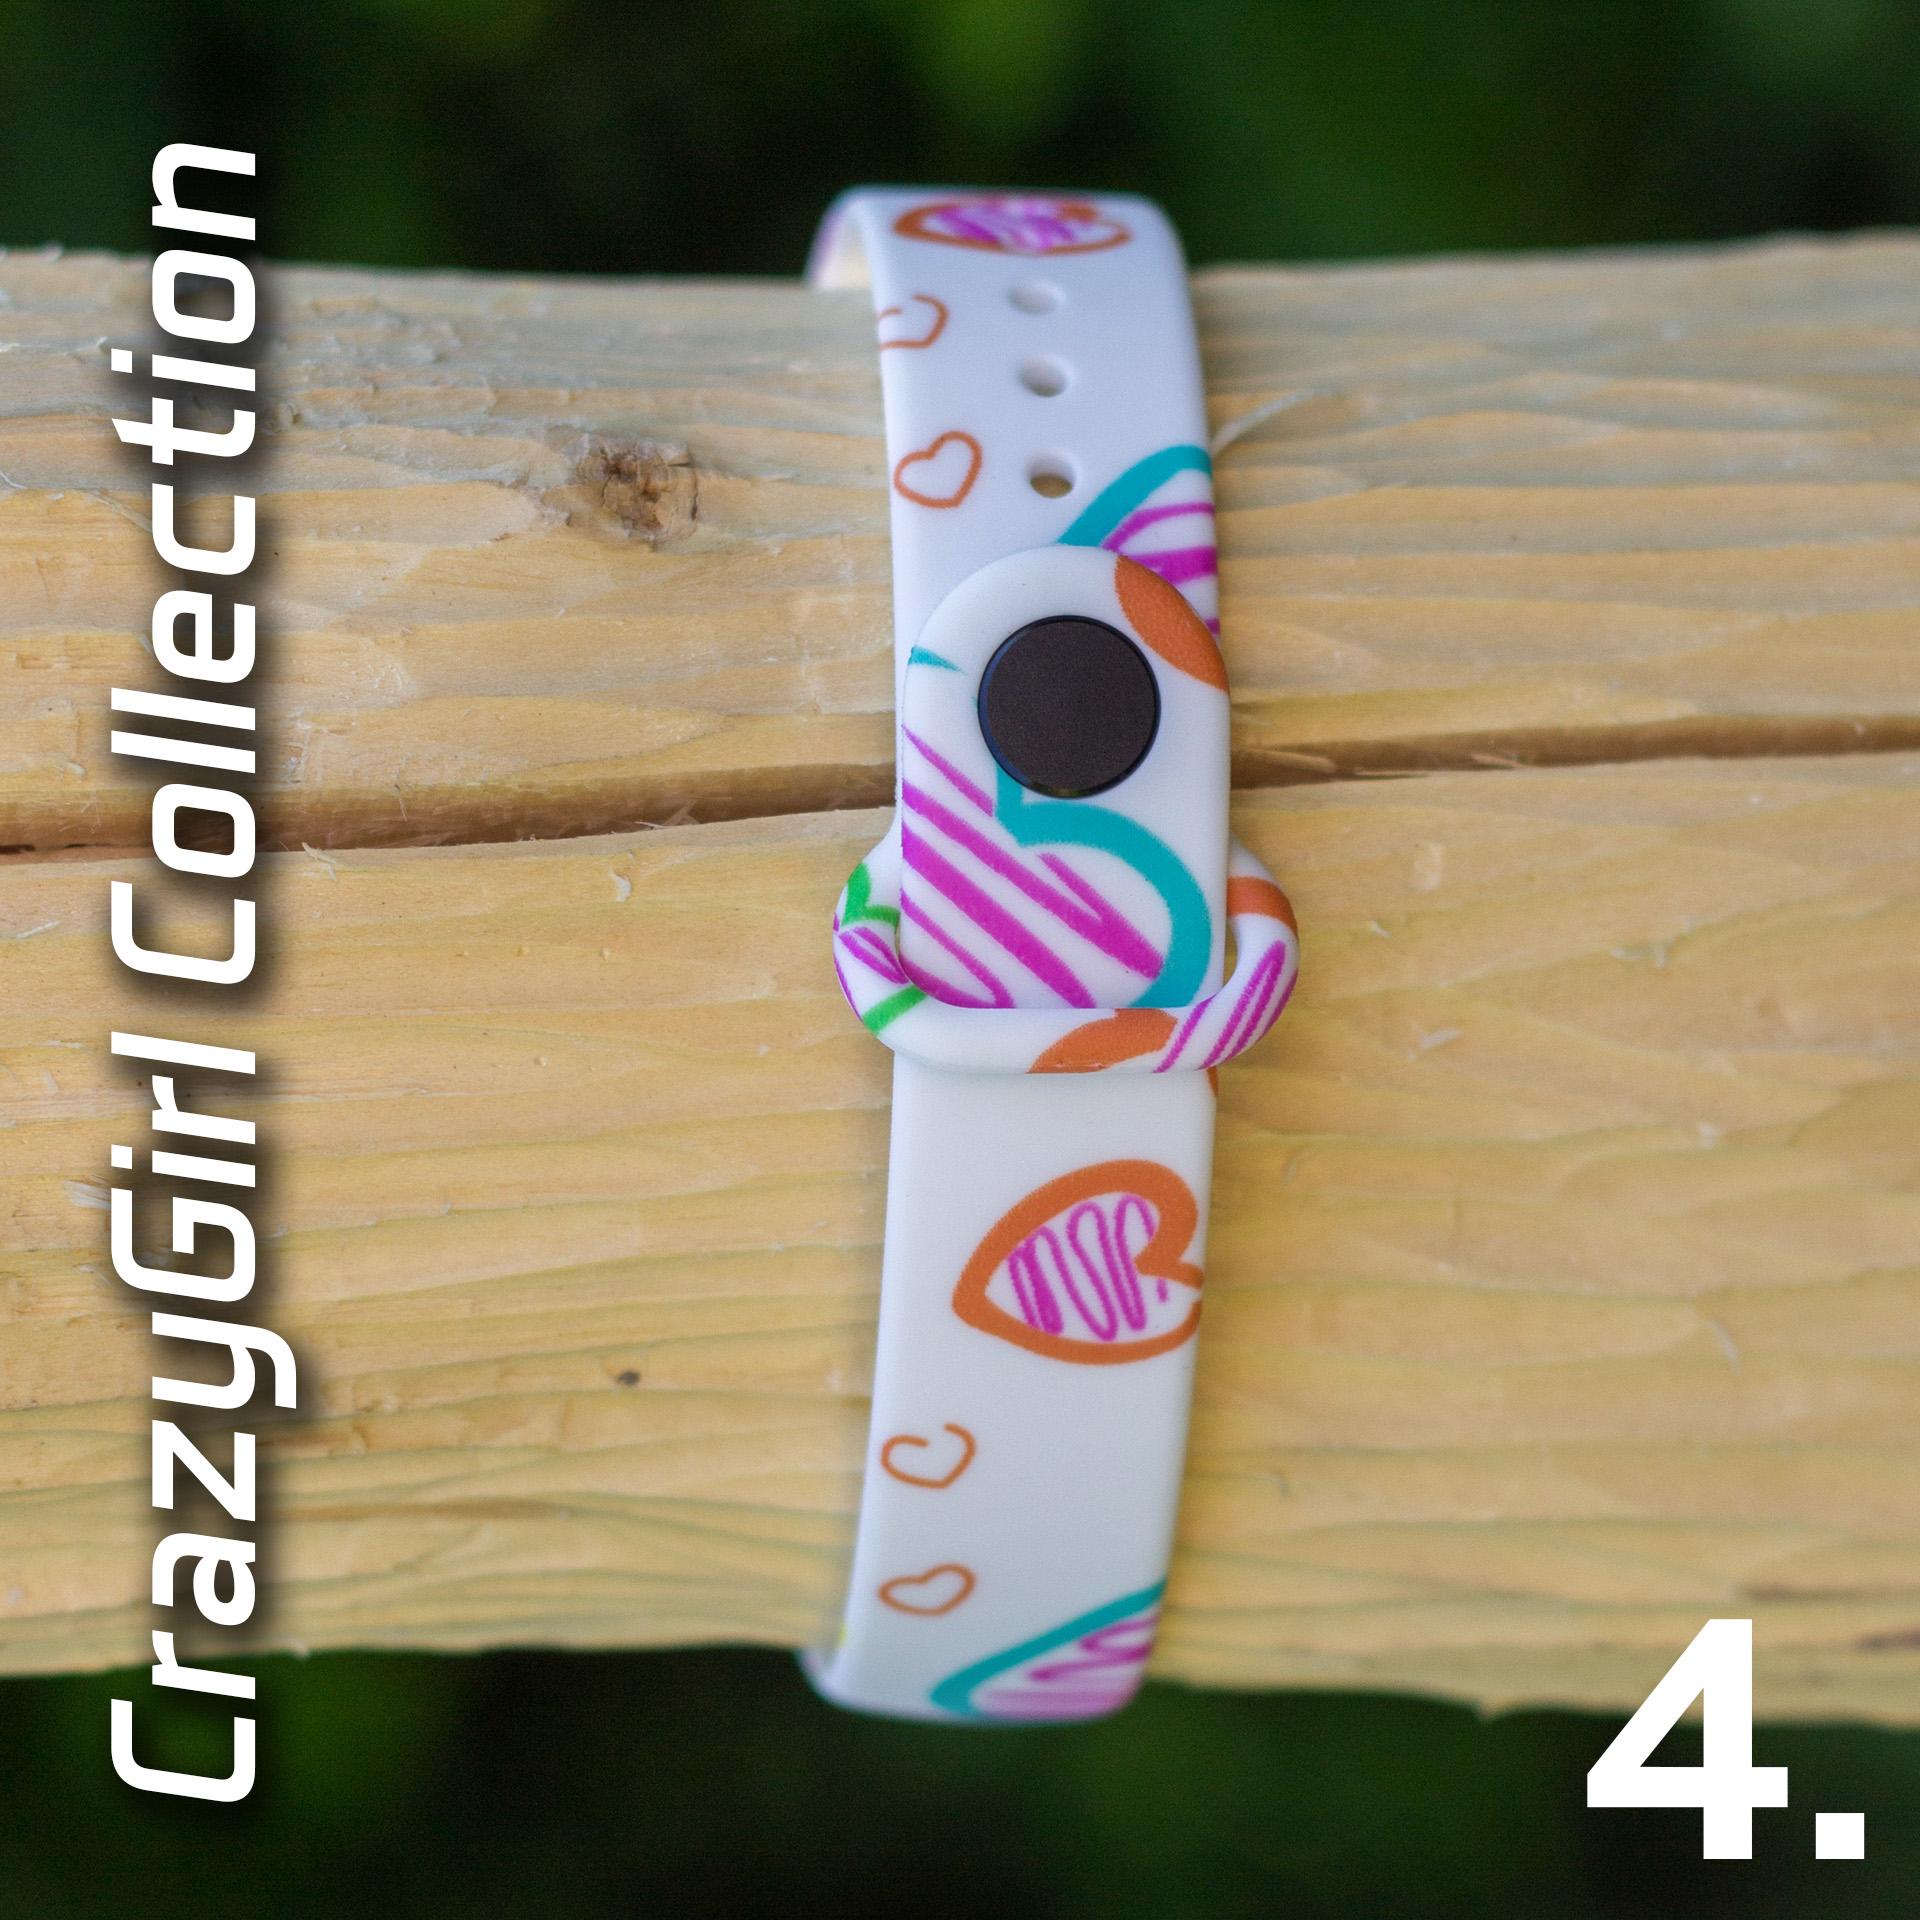 Mi Band 3 szilikon pánt - CrazyGirl 4